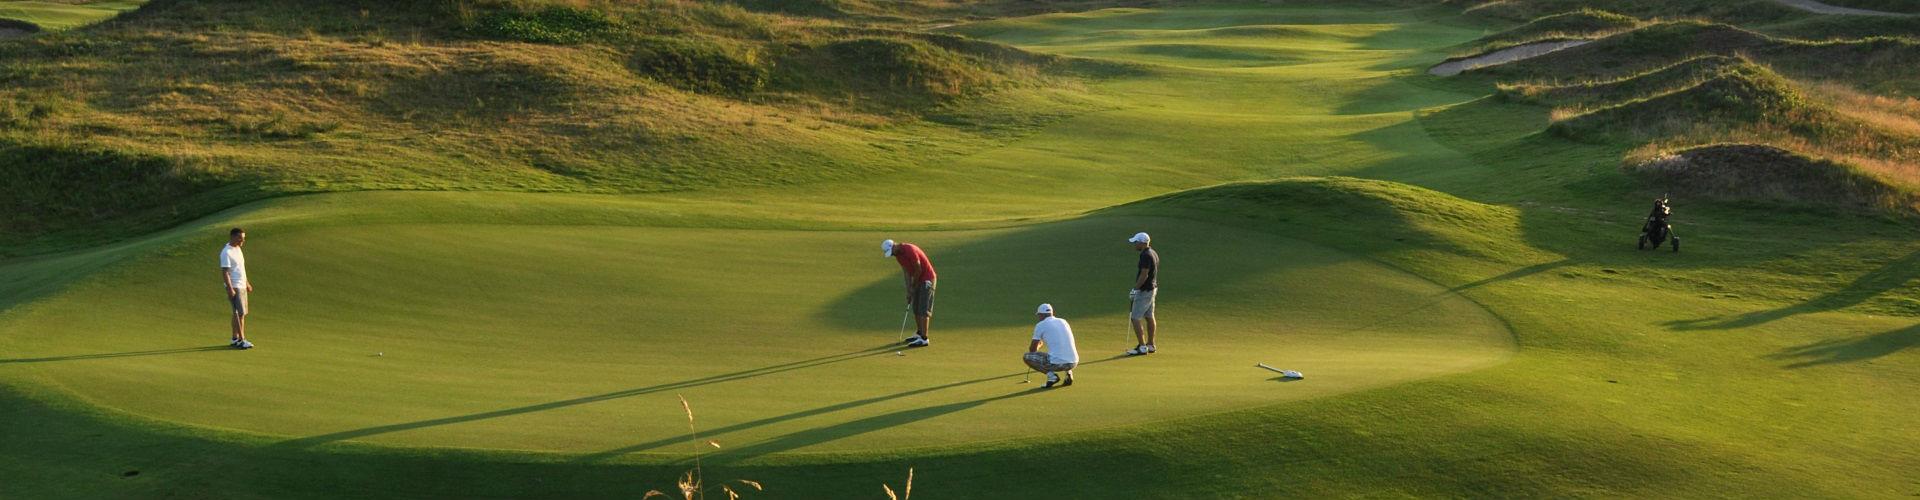 Golfpaket Sydöstra Sverige - golfpaket.se